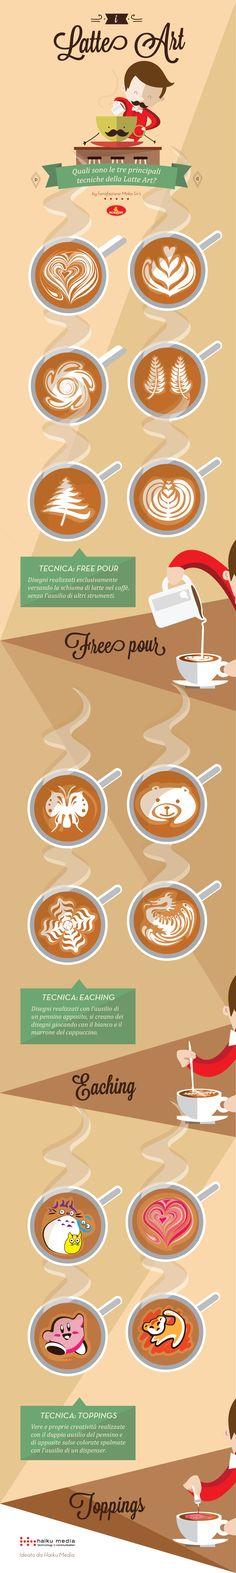 La nostra nuova infografica sulla #Latteart  È la tecnica di decorazione del caffè che più sta appassionando i baristi di tutto il mondo. Sono ormai numerosissimi i festival e concorsi di Latte Art nel mondo, si può affermare senza alcun dubbio che tanta creatività e tecnica hanno riacceso la passione per il caffè e per il cappuccino a livello internazionale.